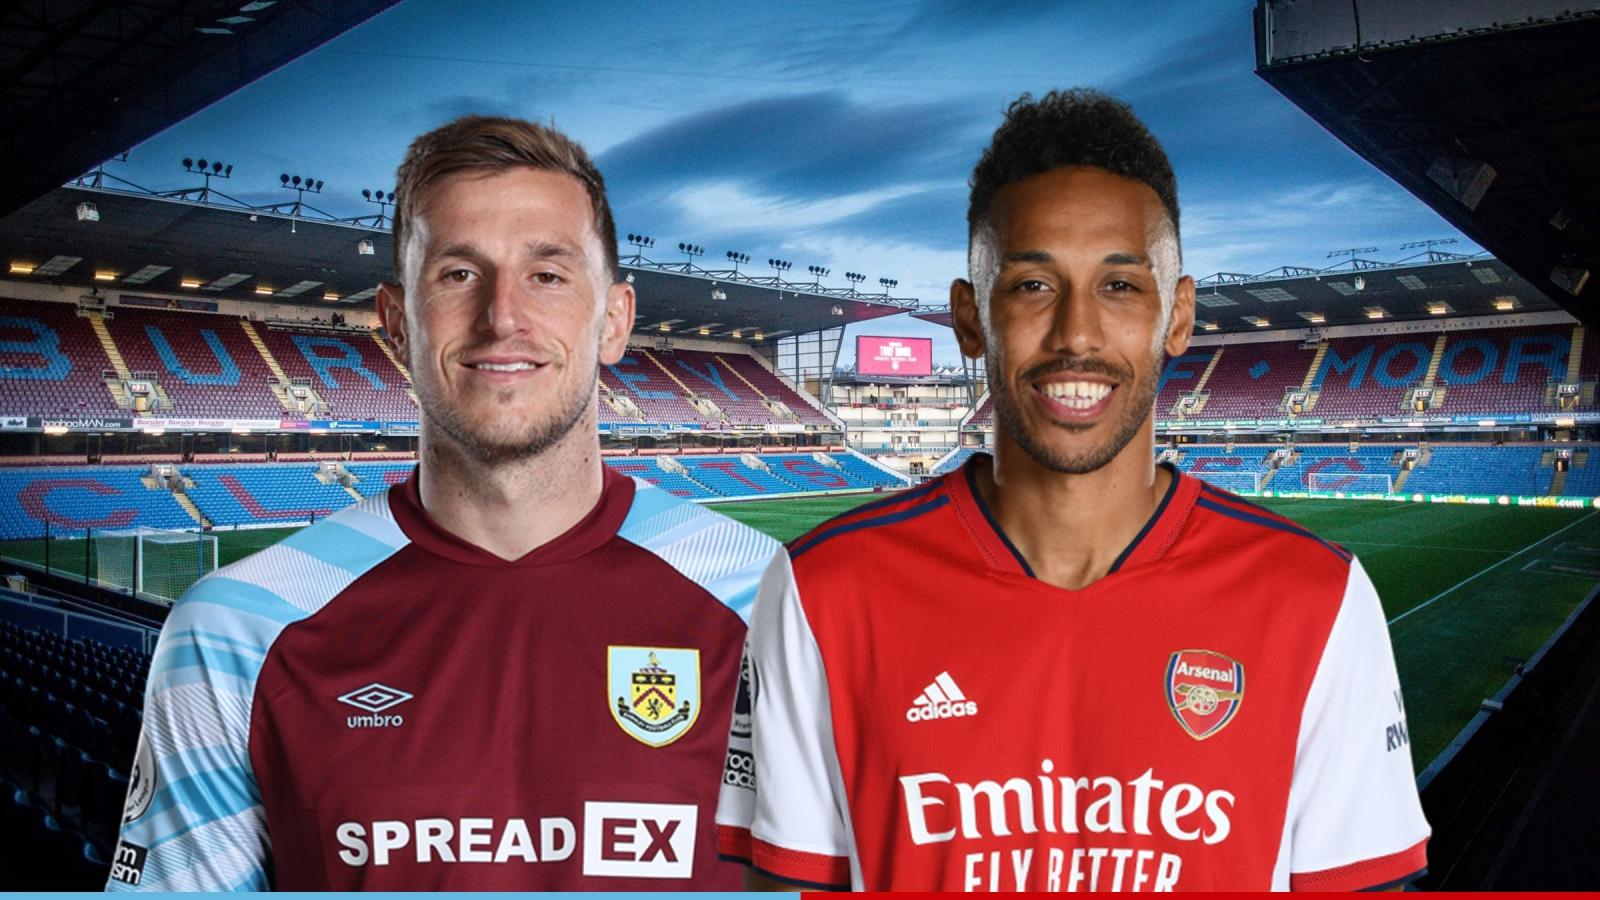 Dự đoán tỷ số, đội hình xuất phát trận Burnley - Arsenal